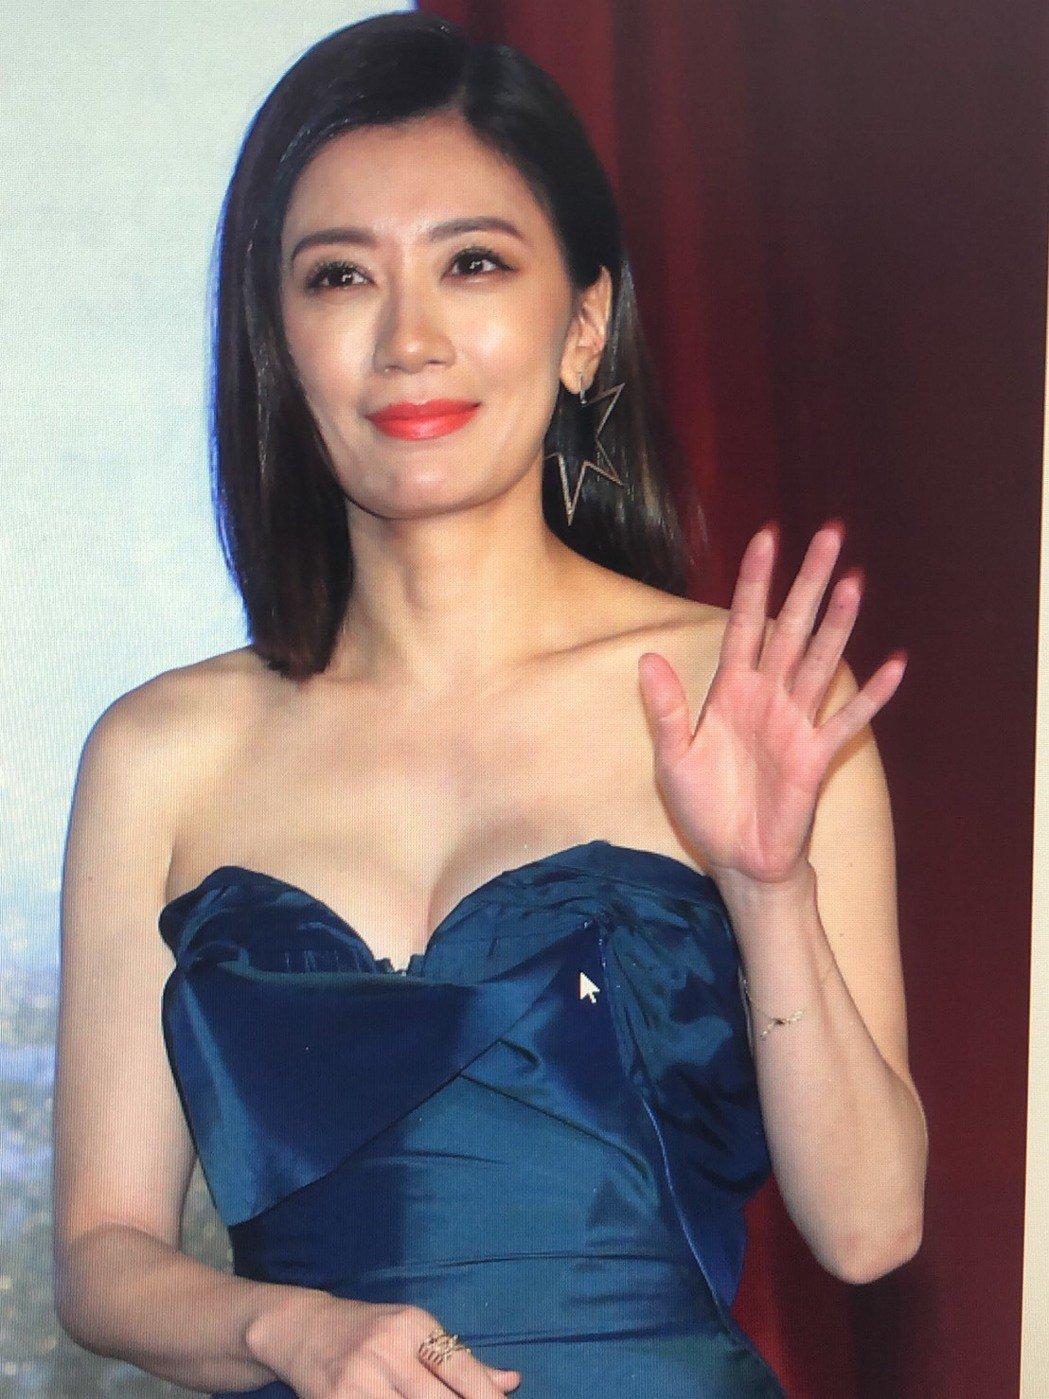 賈靜雯出席「罪夢者」記者會,低胸爆乳性感爆表。記者林俊良/攝影